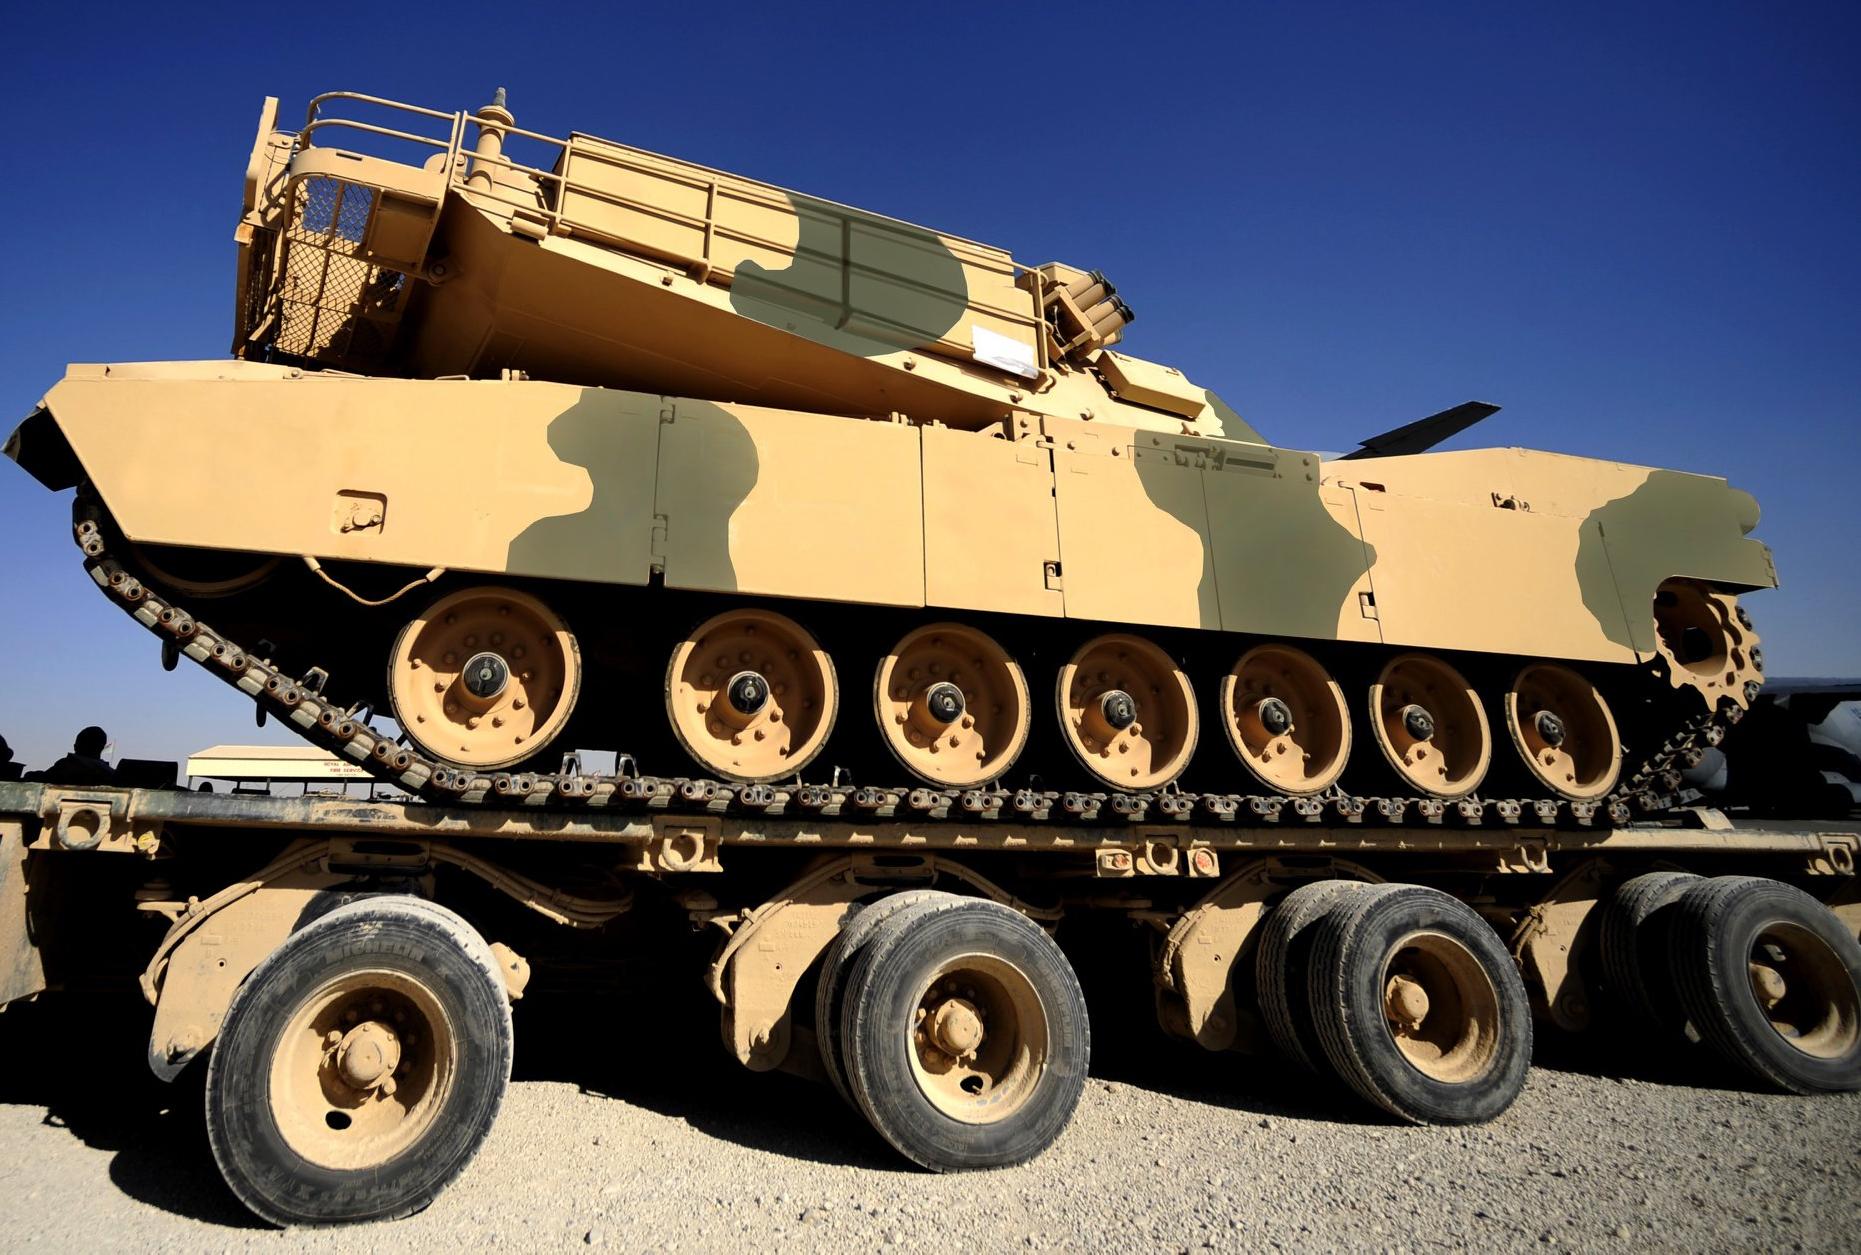 Photos - Chars de Combat / MBTs - Page 3 41435692351_c060650f7b_o